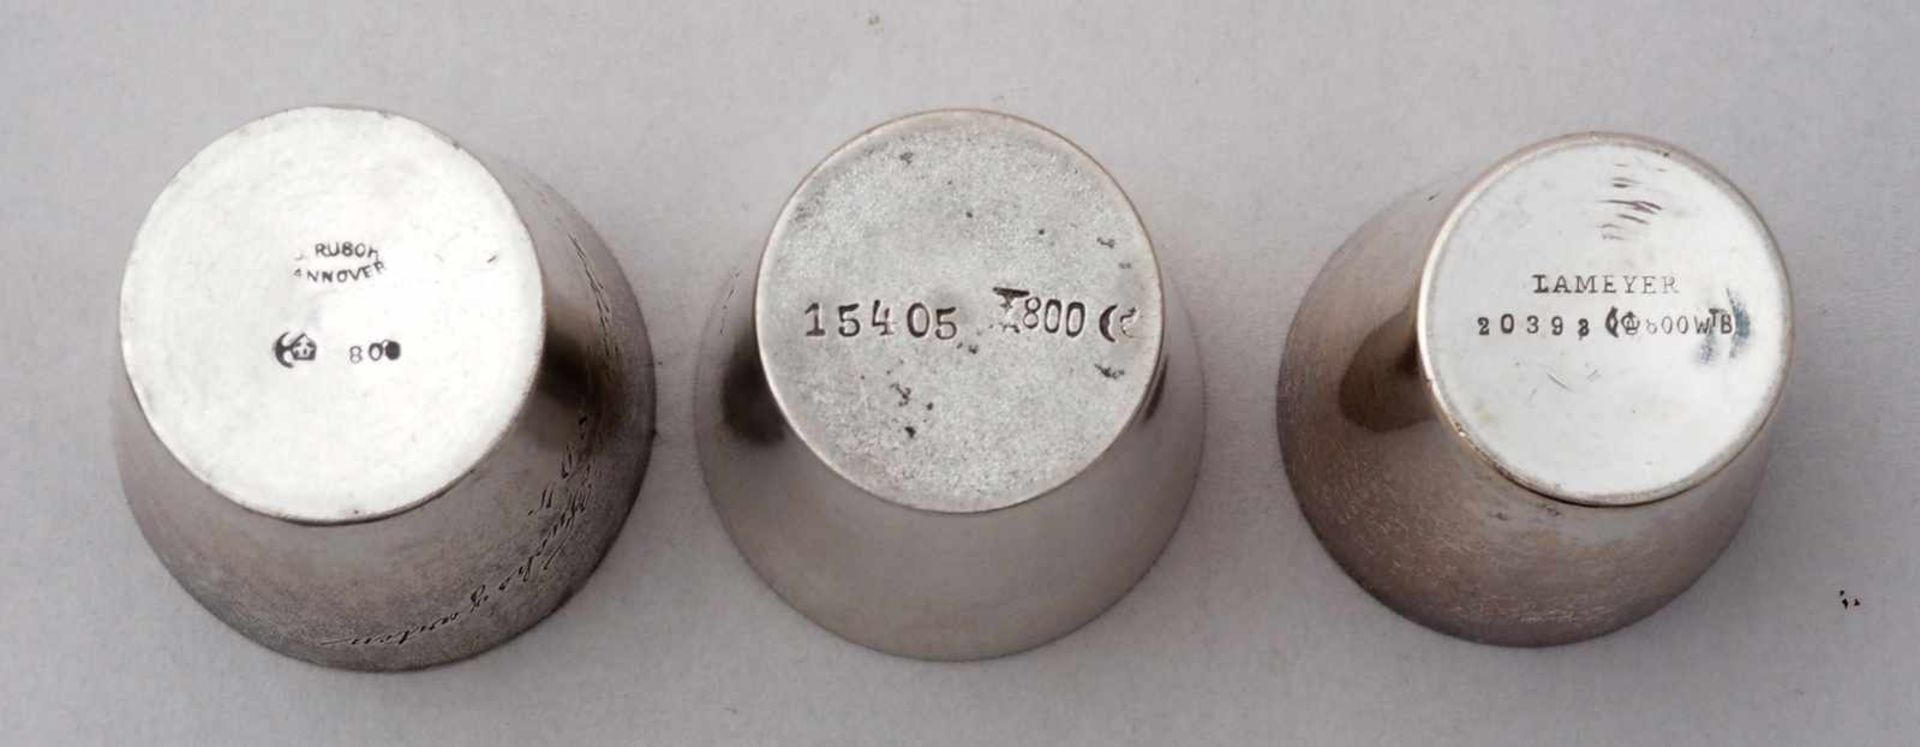 Schnaps Set auf TablettDeutsch, 19. Jh. Silber 800. Elf diverse Schnapsbecher, davon neun mit - Bild 5 aus 5